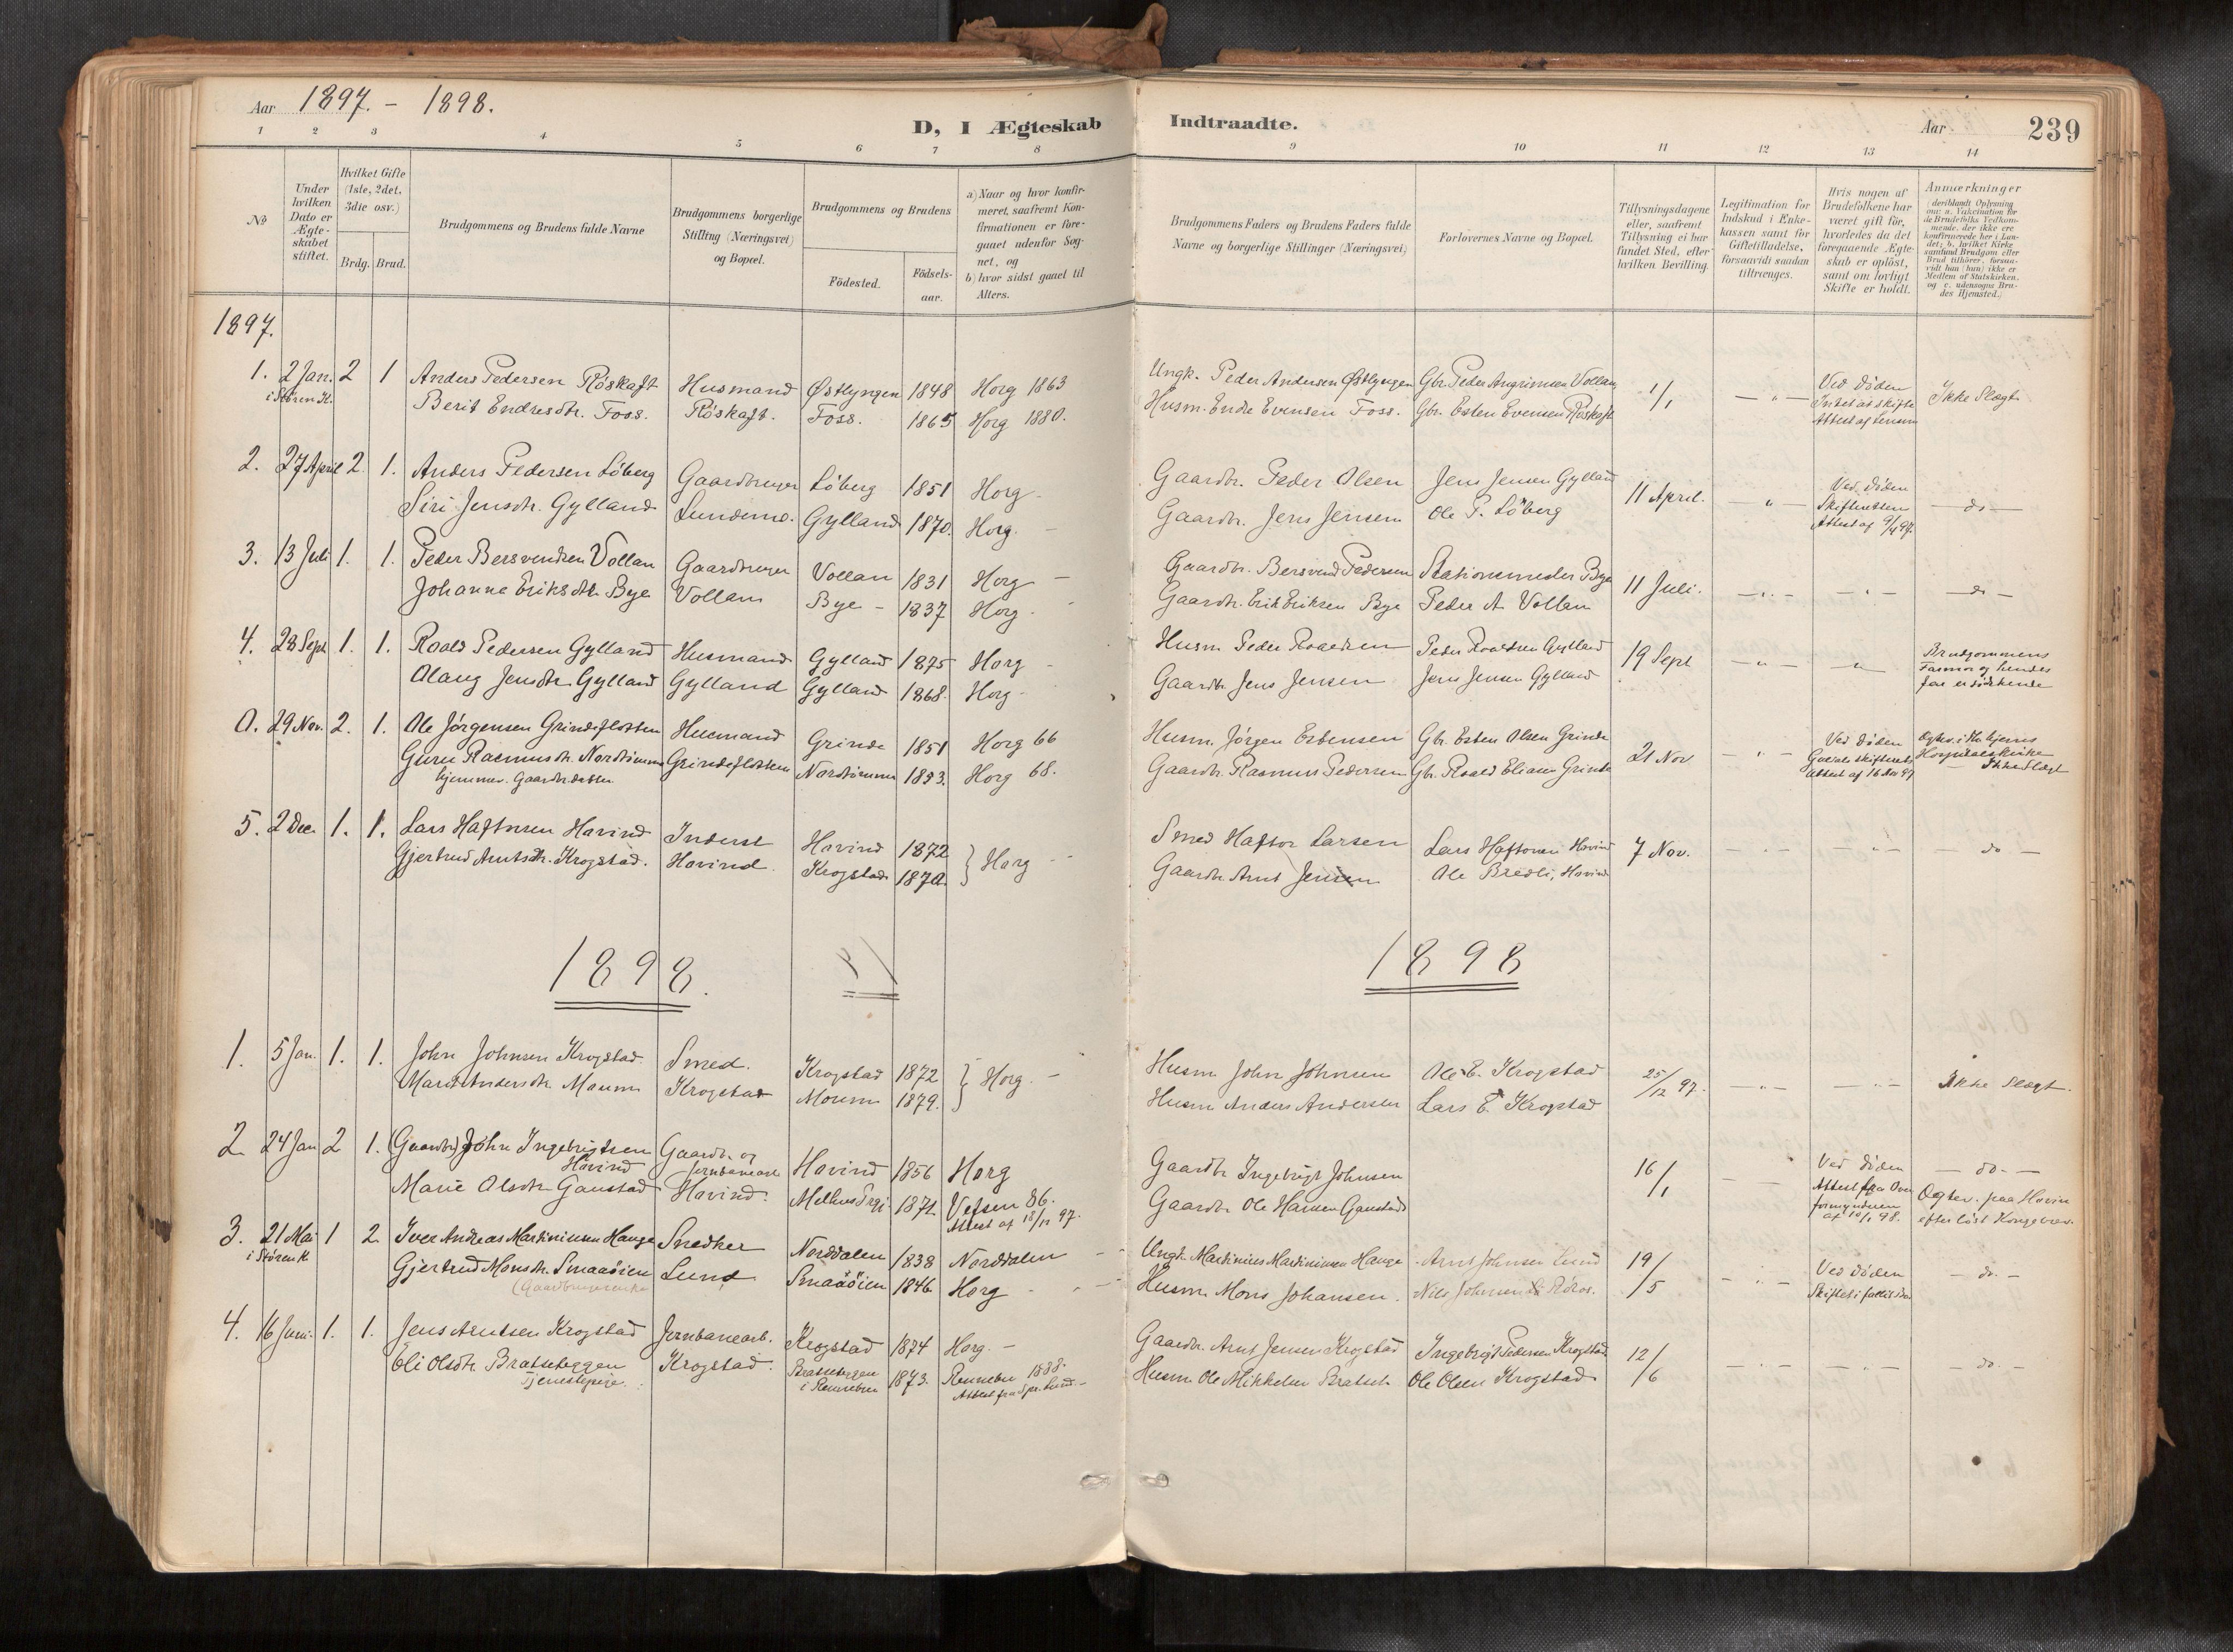 SAT, Ministerialprotokoller, klokkerbøker og fødselsregistre - Sør-Trøndelag, 692/L1105b: Ministerialbok nr. 692A06, 1891-1934, s. 239